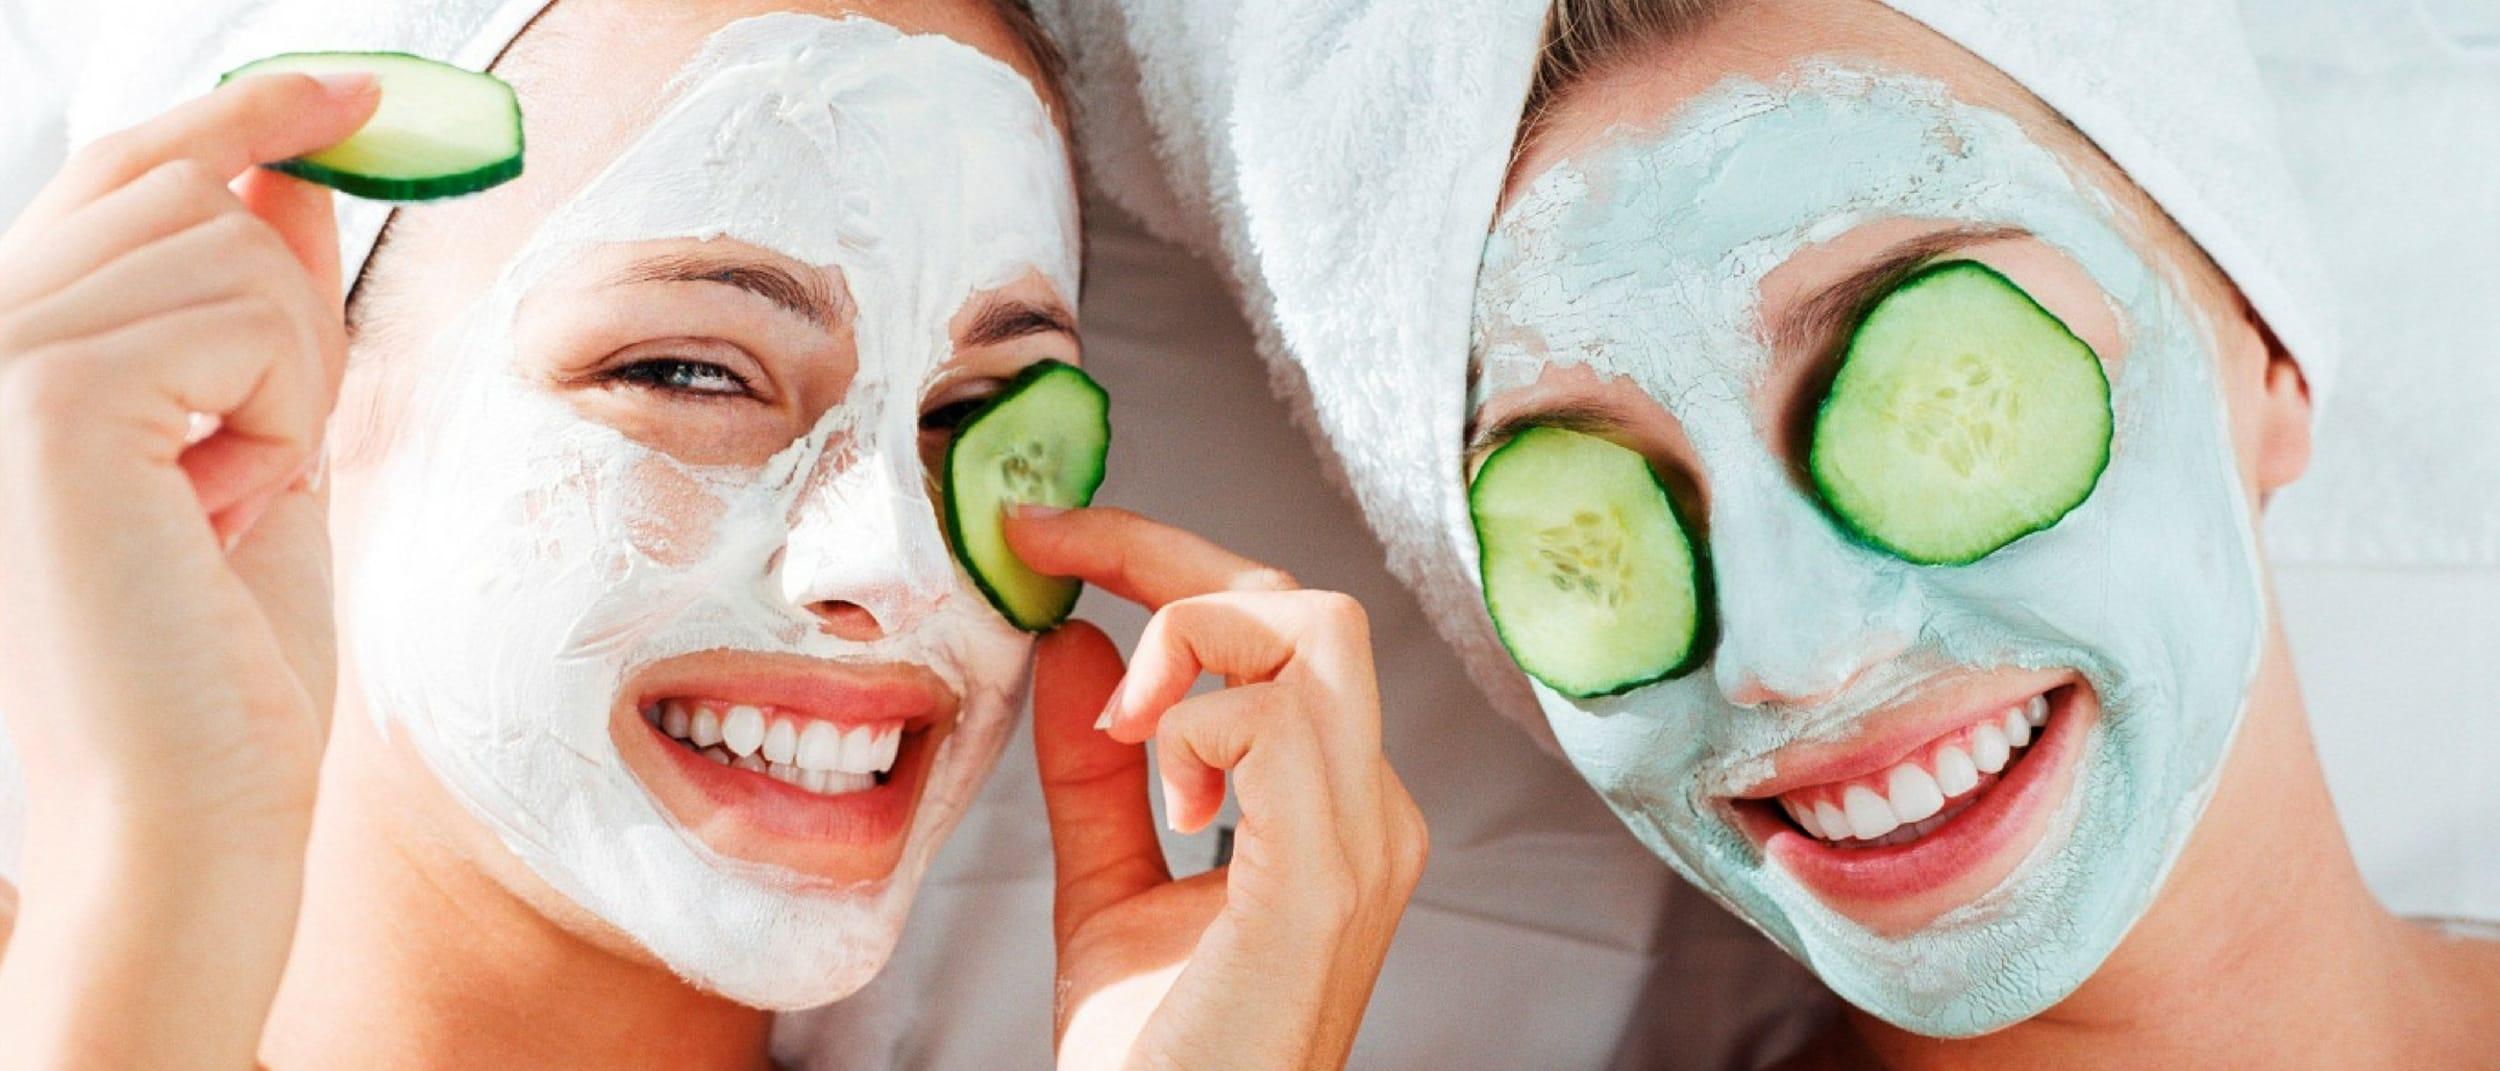 Shashi Beauty Salon: Winter specials